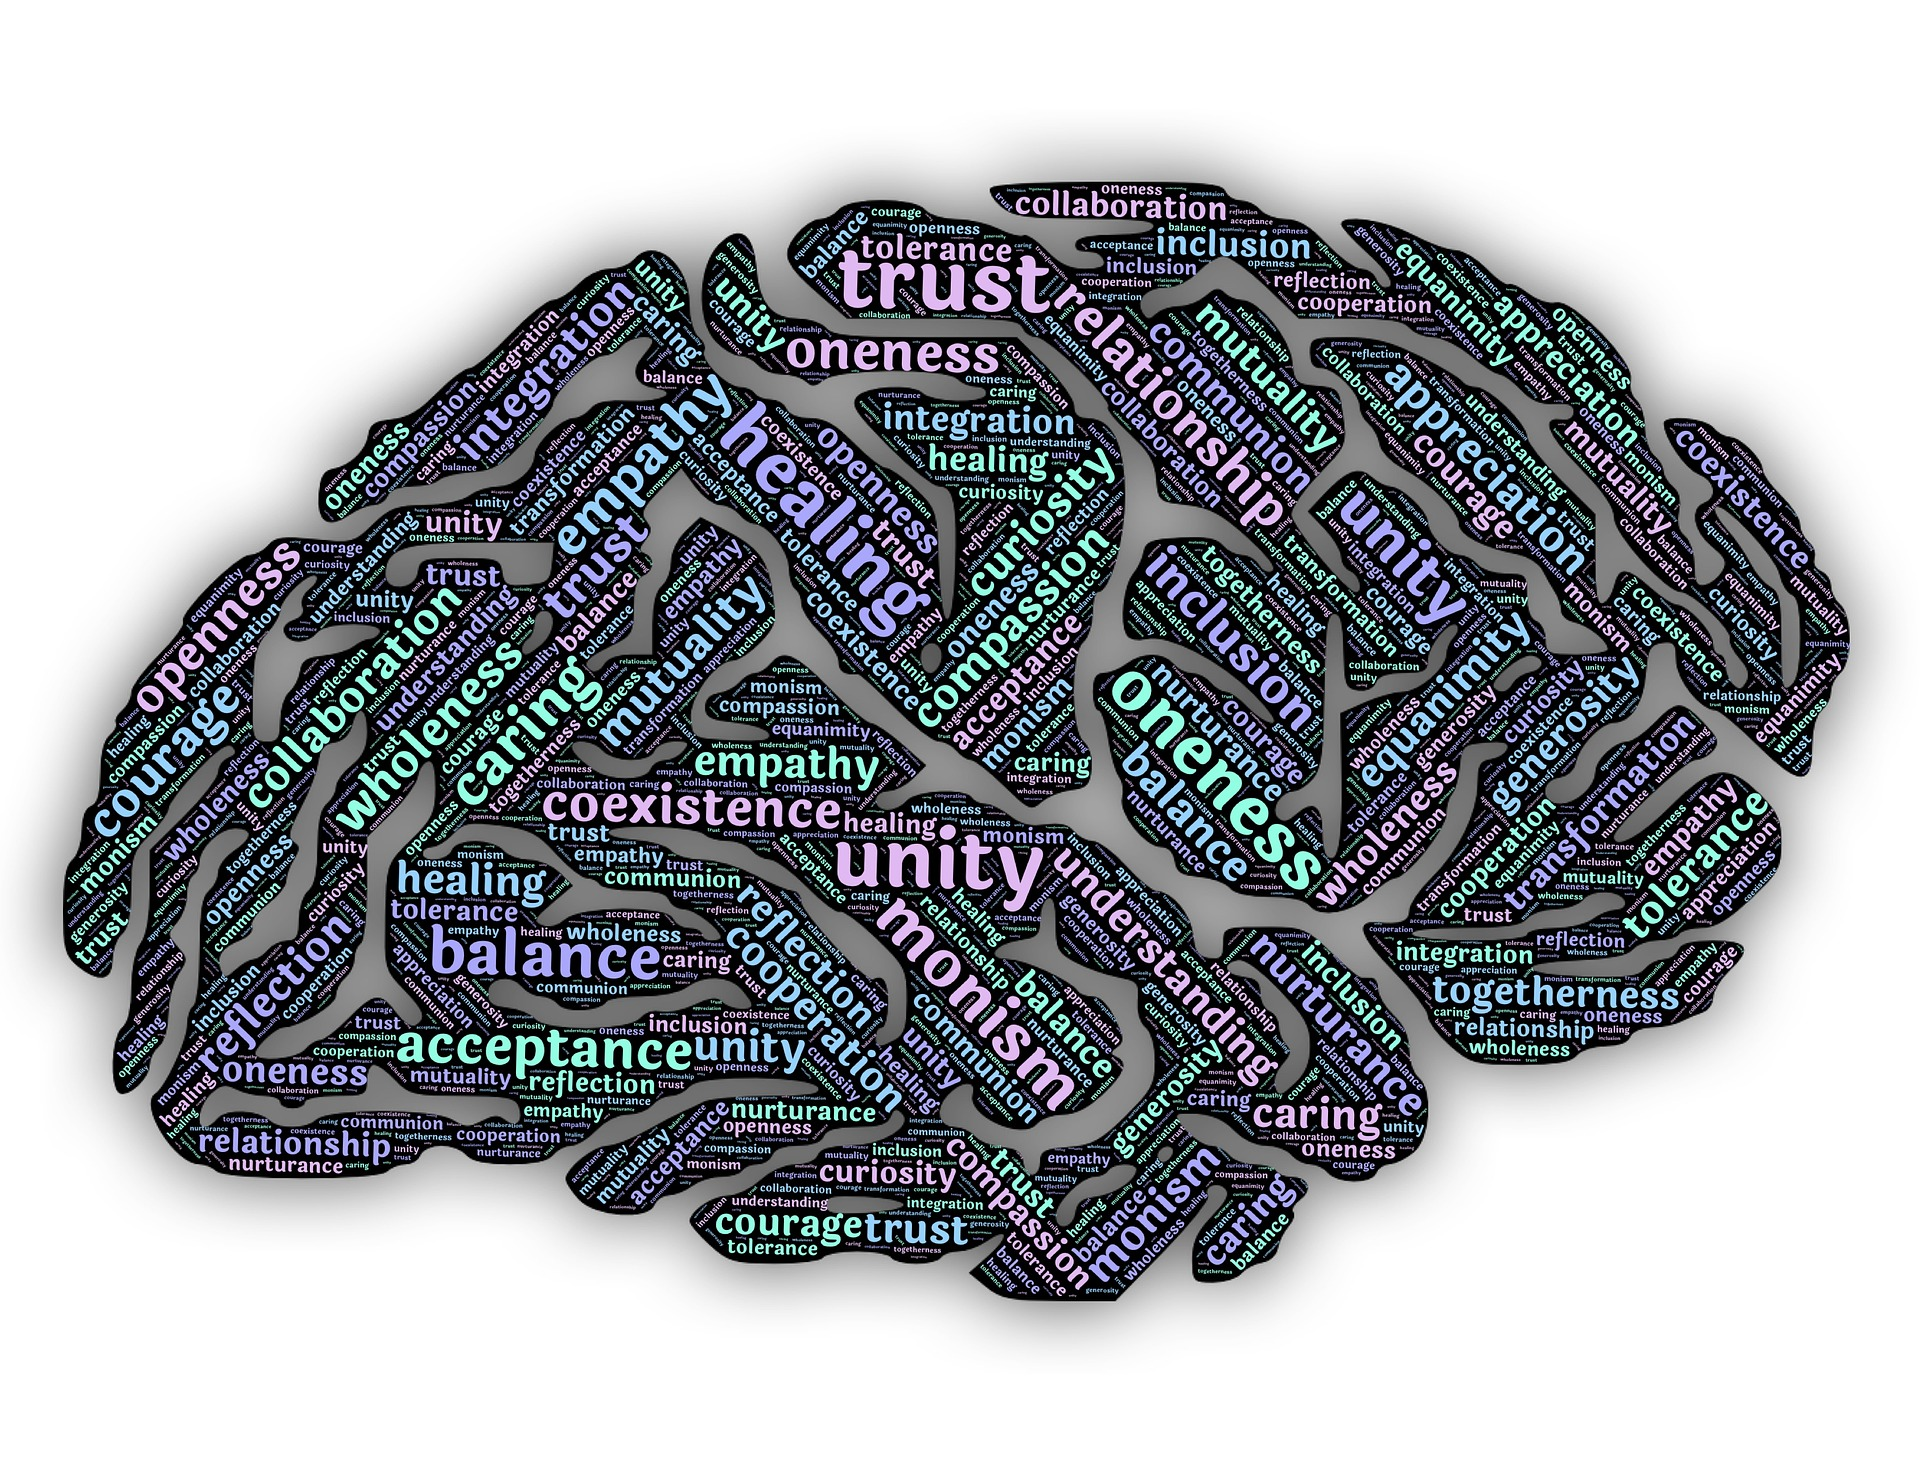 Suggestionen verändern Hirnstrukturen